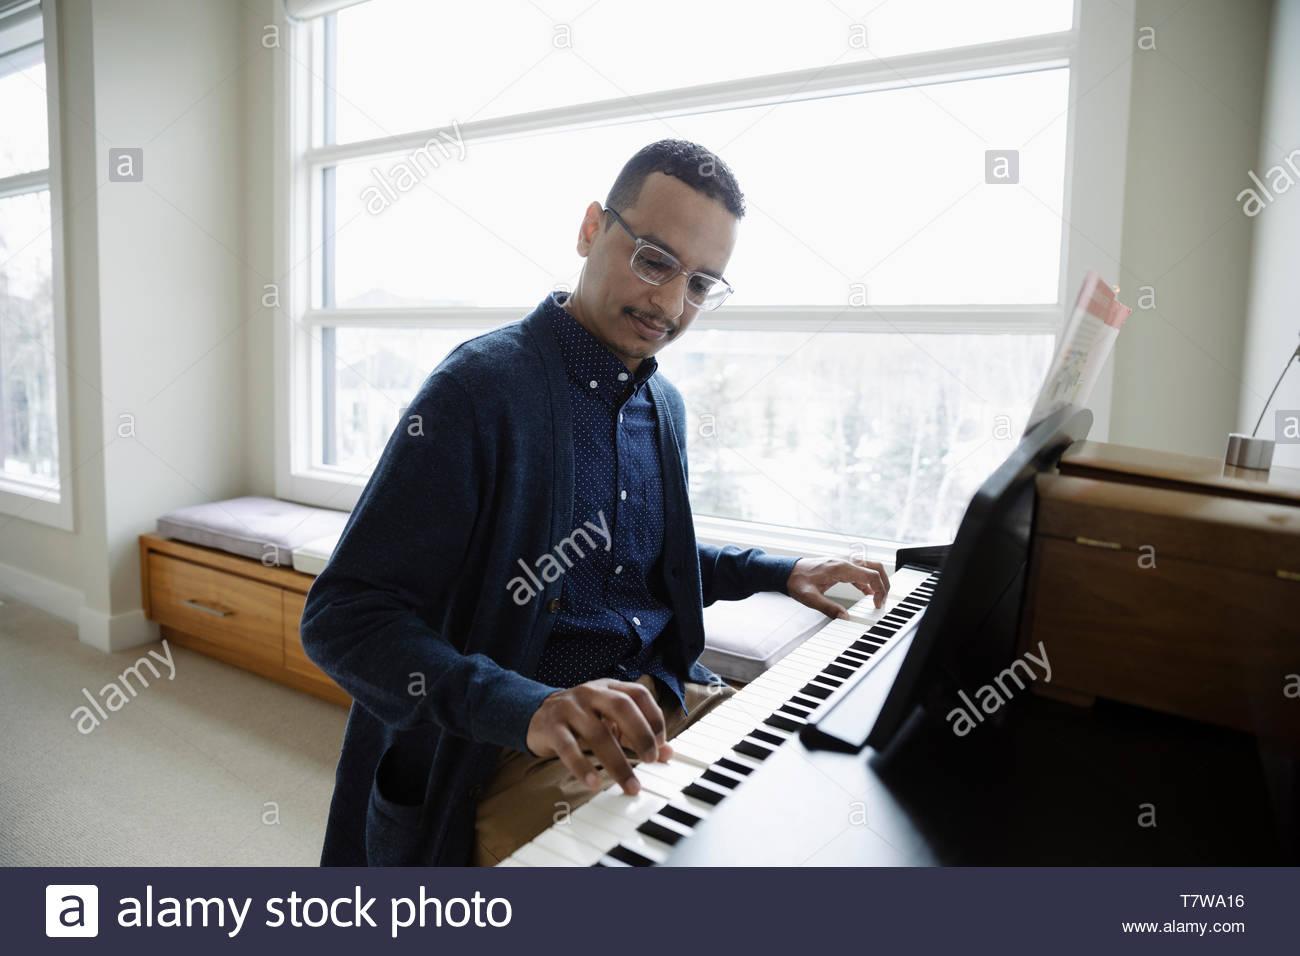 Man playing piano at home - Stock Image